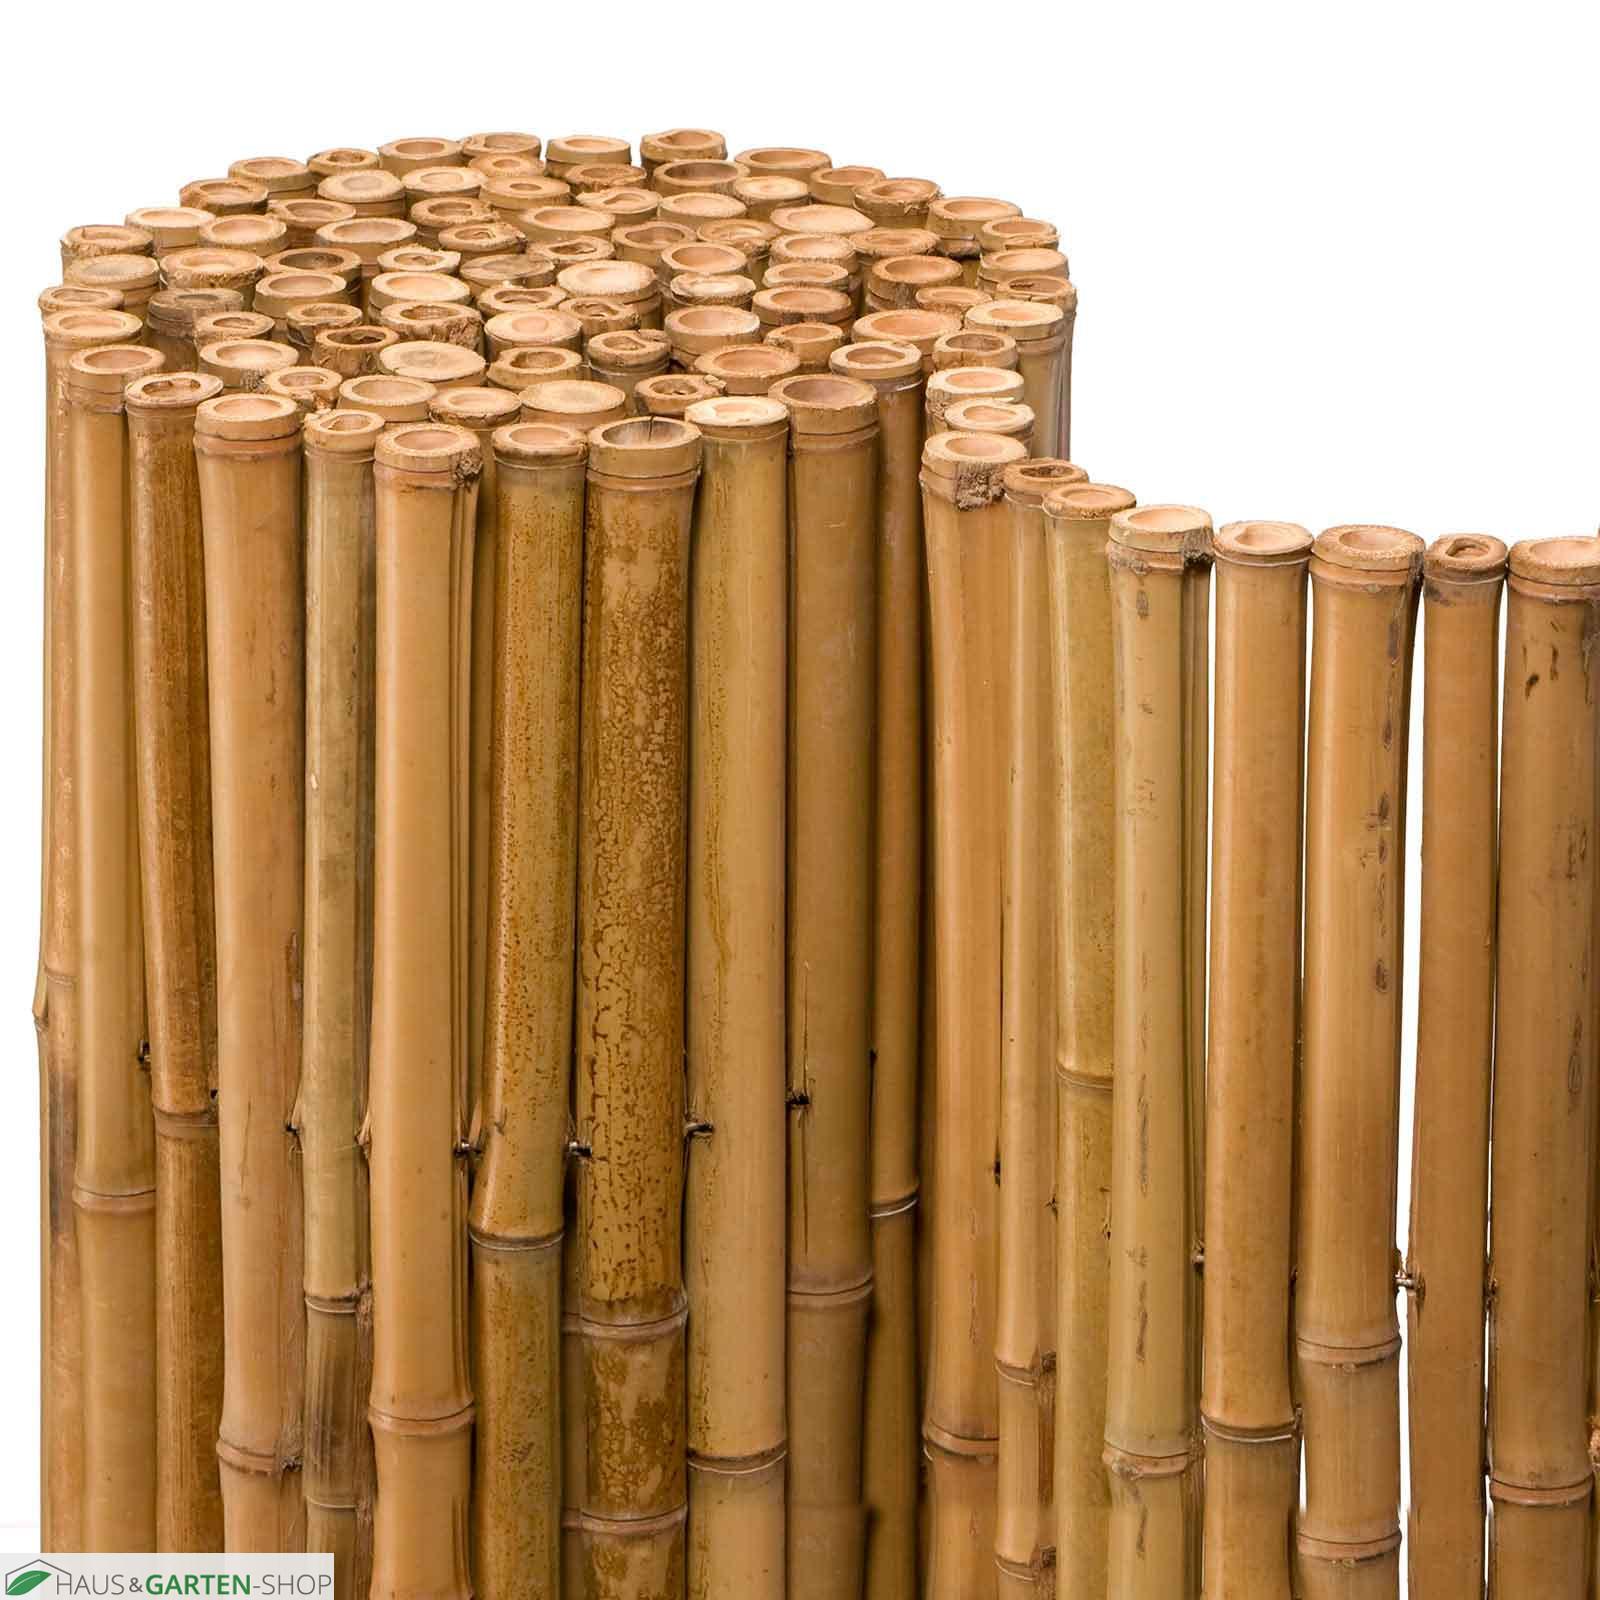 Stabile blickdichte Bambusmatten für Balkon und Garten